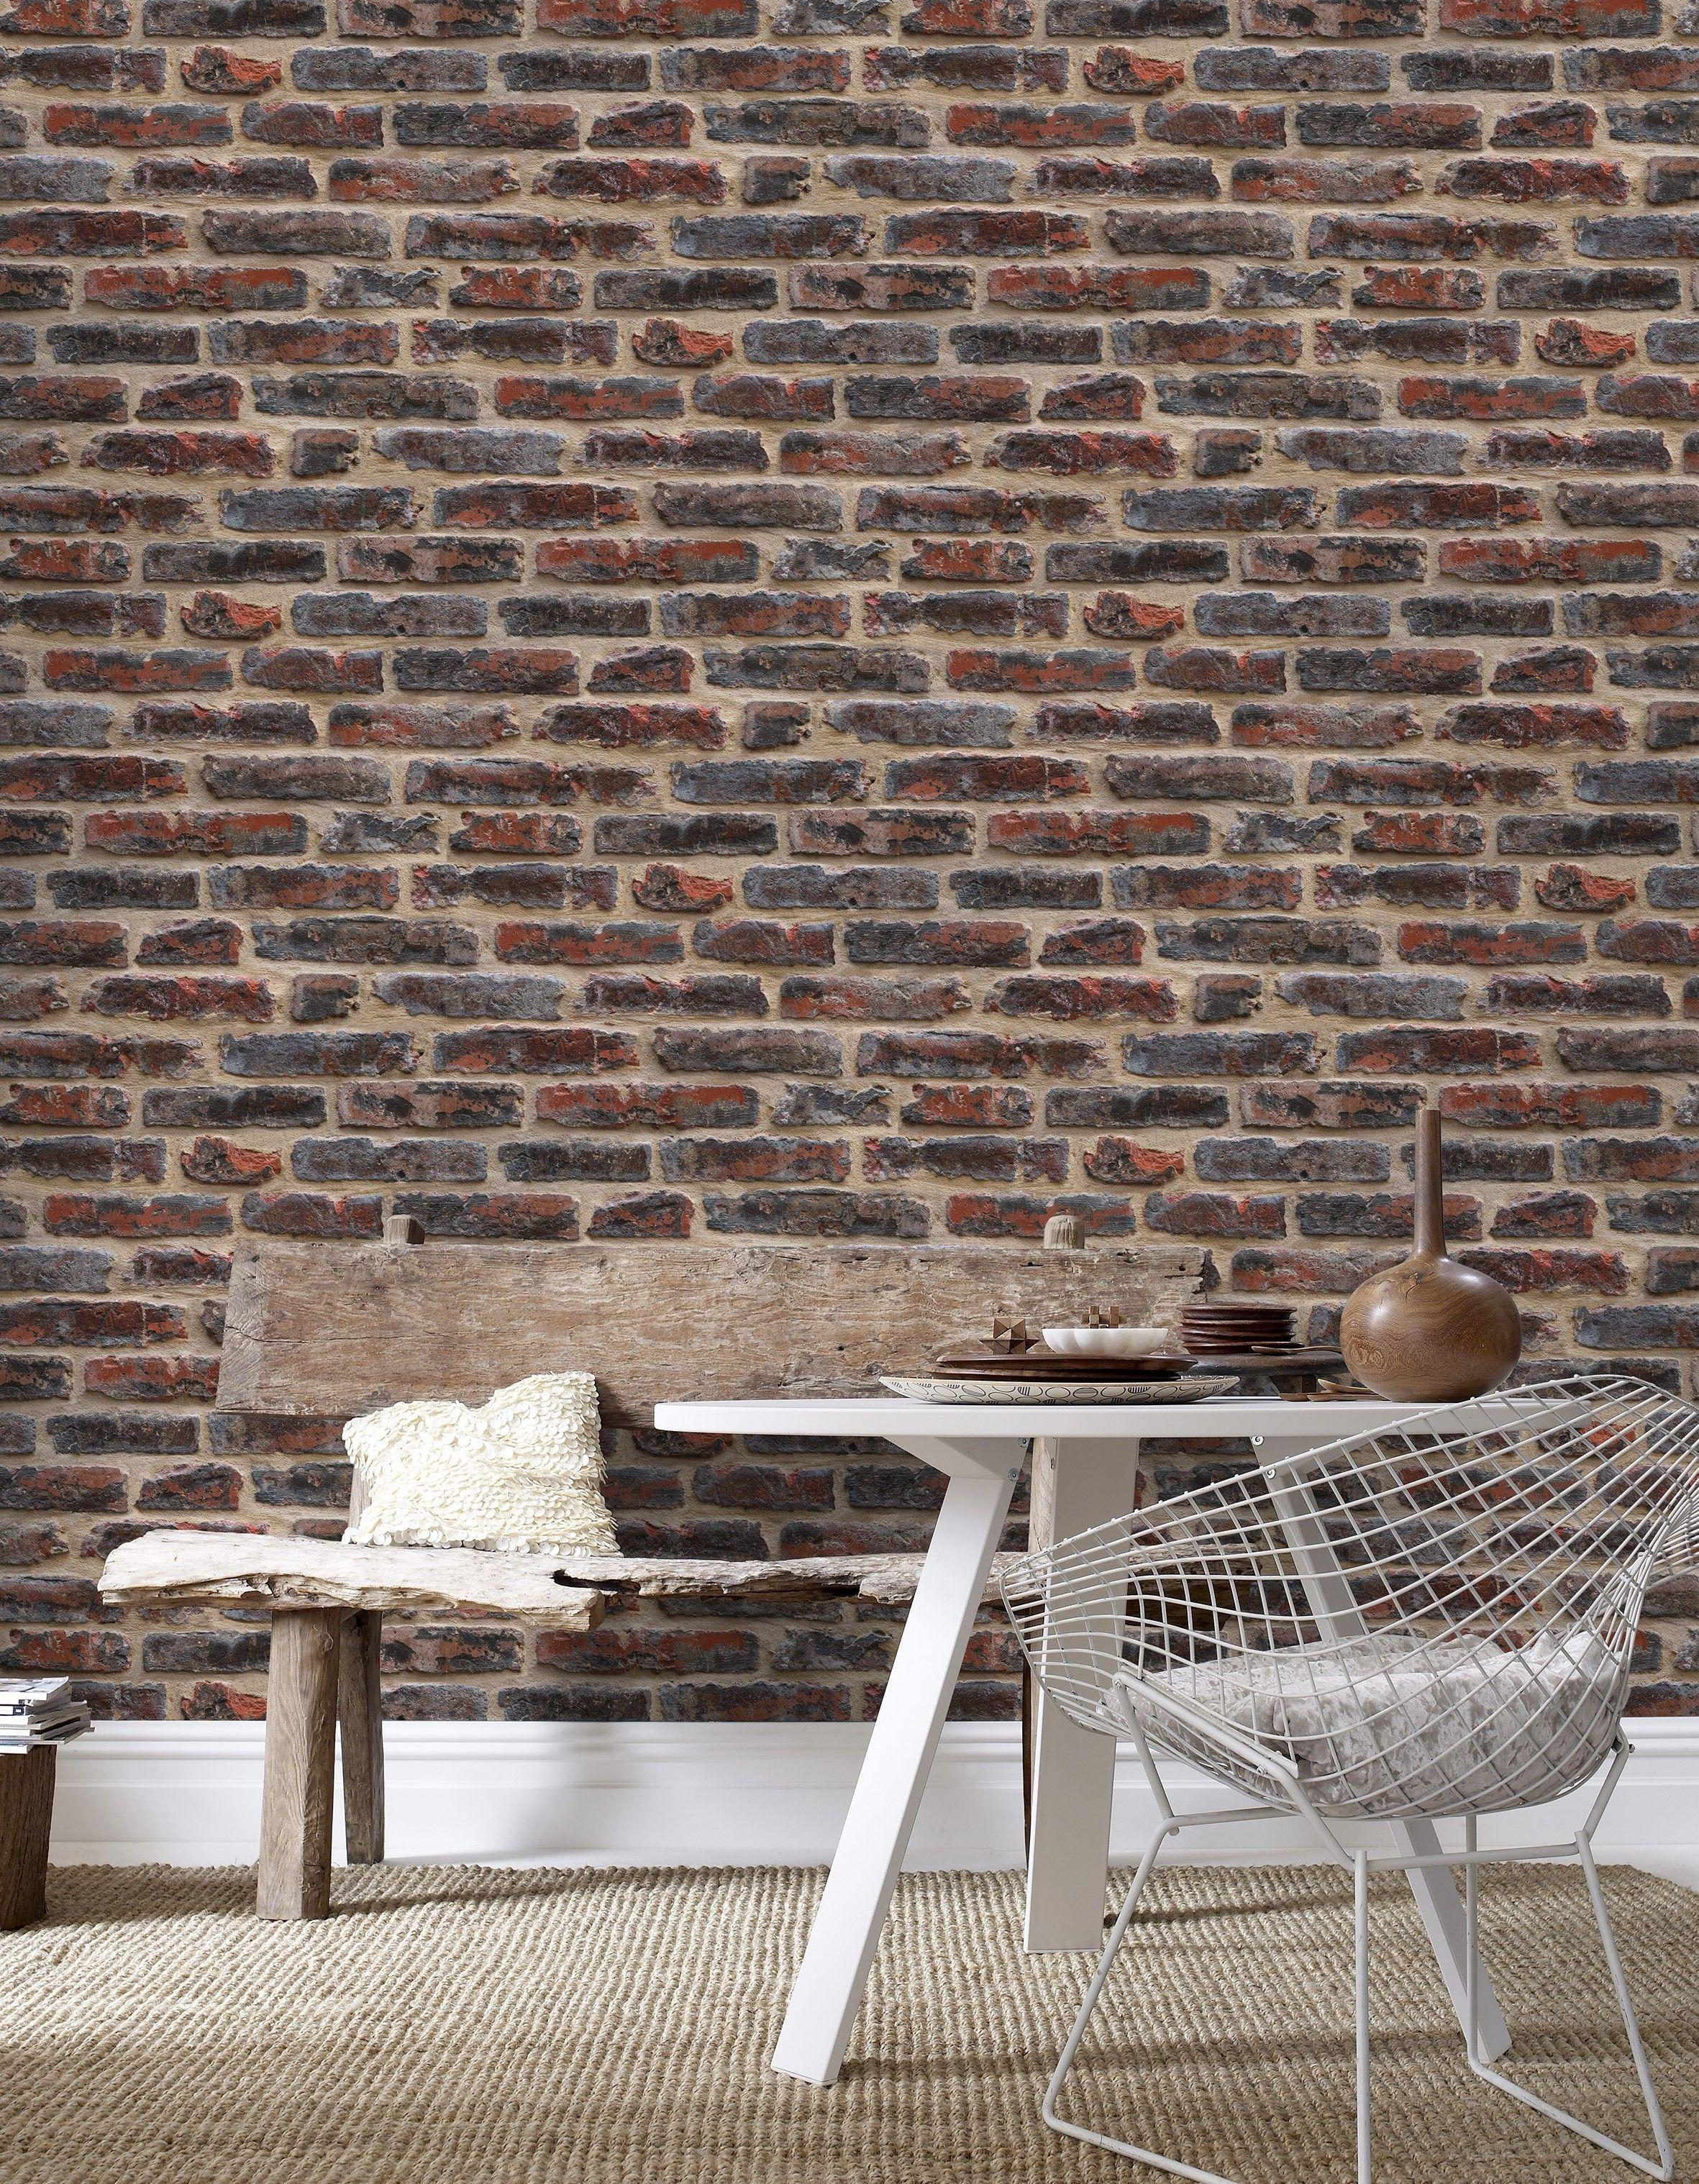 Ταπετσαρία Red brick nonwoven με μοτίβο Μ10,05xΠ0,53m